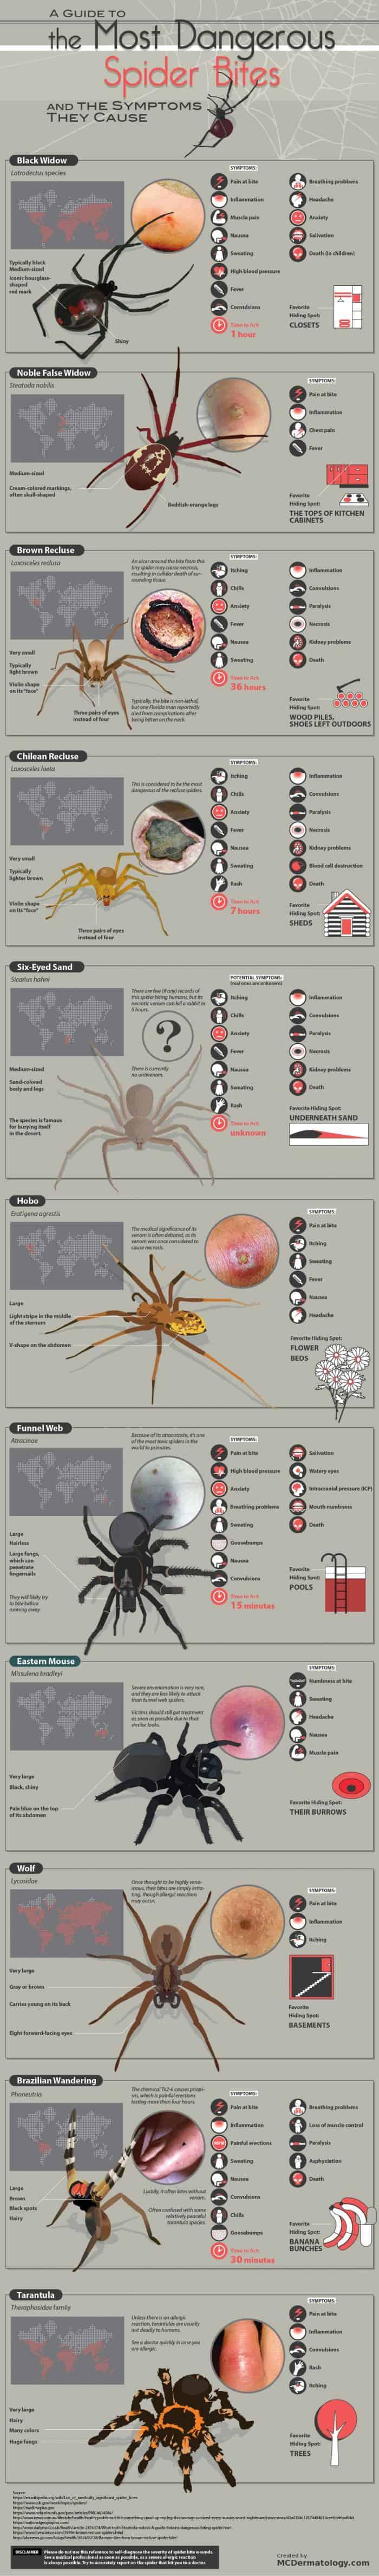 Venomous spiders around the world